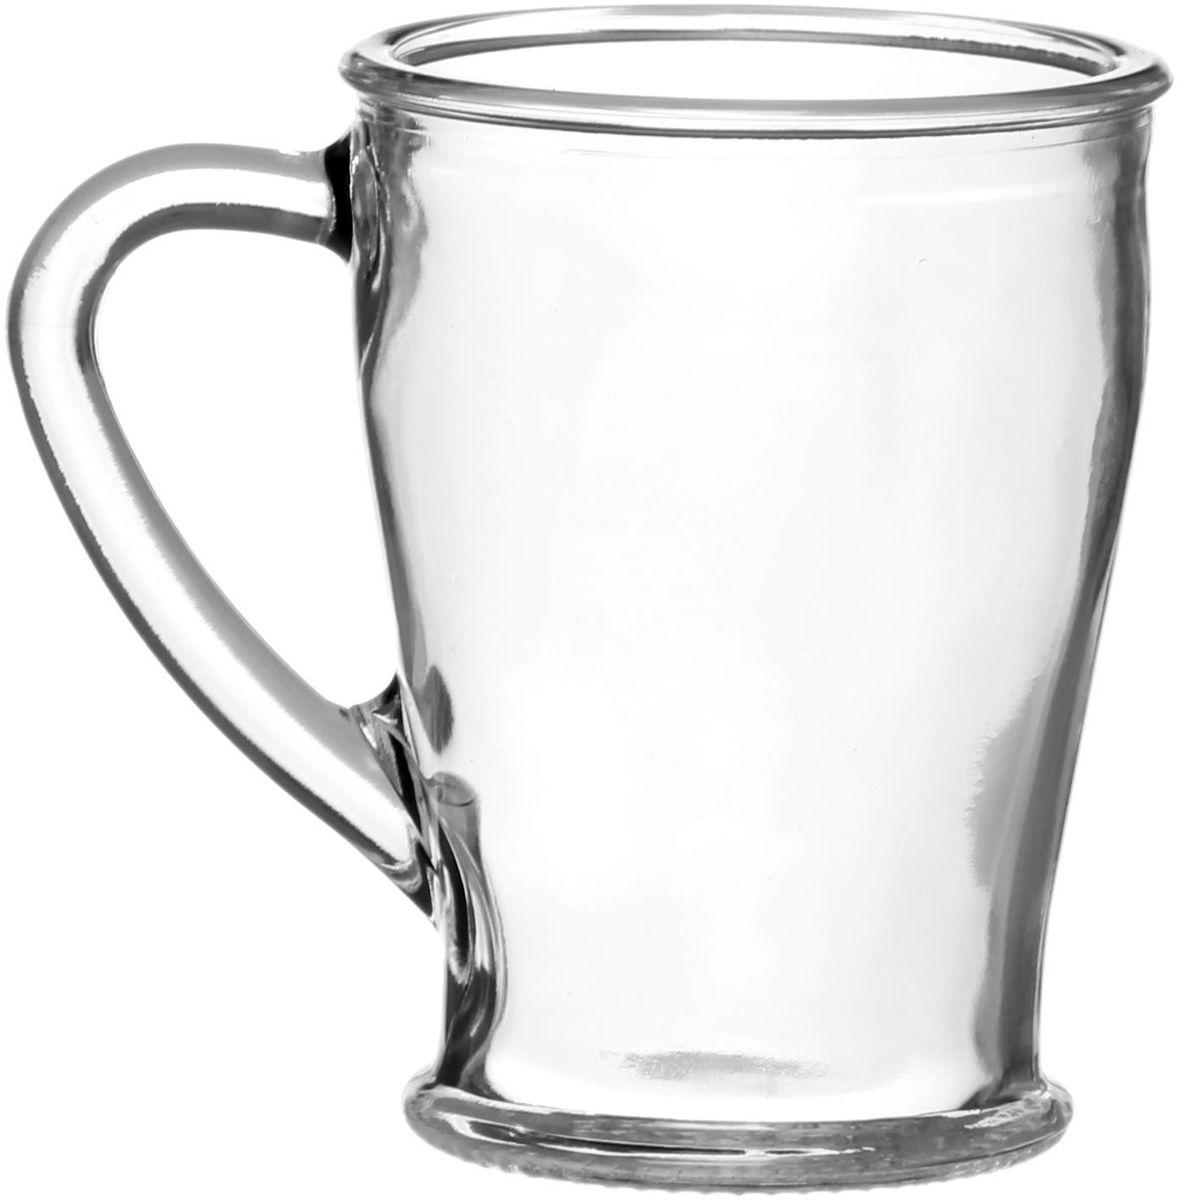 Кружка Хрустальный звон ЧайКофф, 200 мл1556843От качества посуды зависит не только вкус еды, но и здоровье человека. Кружка Хрустальный звон ЧайКофф - товар, соответствующий российским стандартам качества. Кружка выполнена из высококачественного стекла.Любой хозяйке будет приятно держать ее в руках.